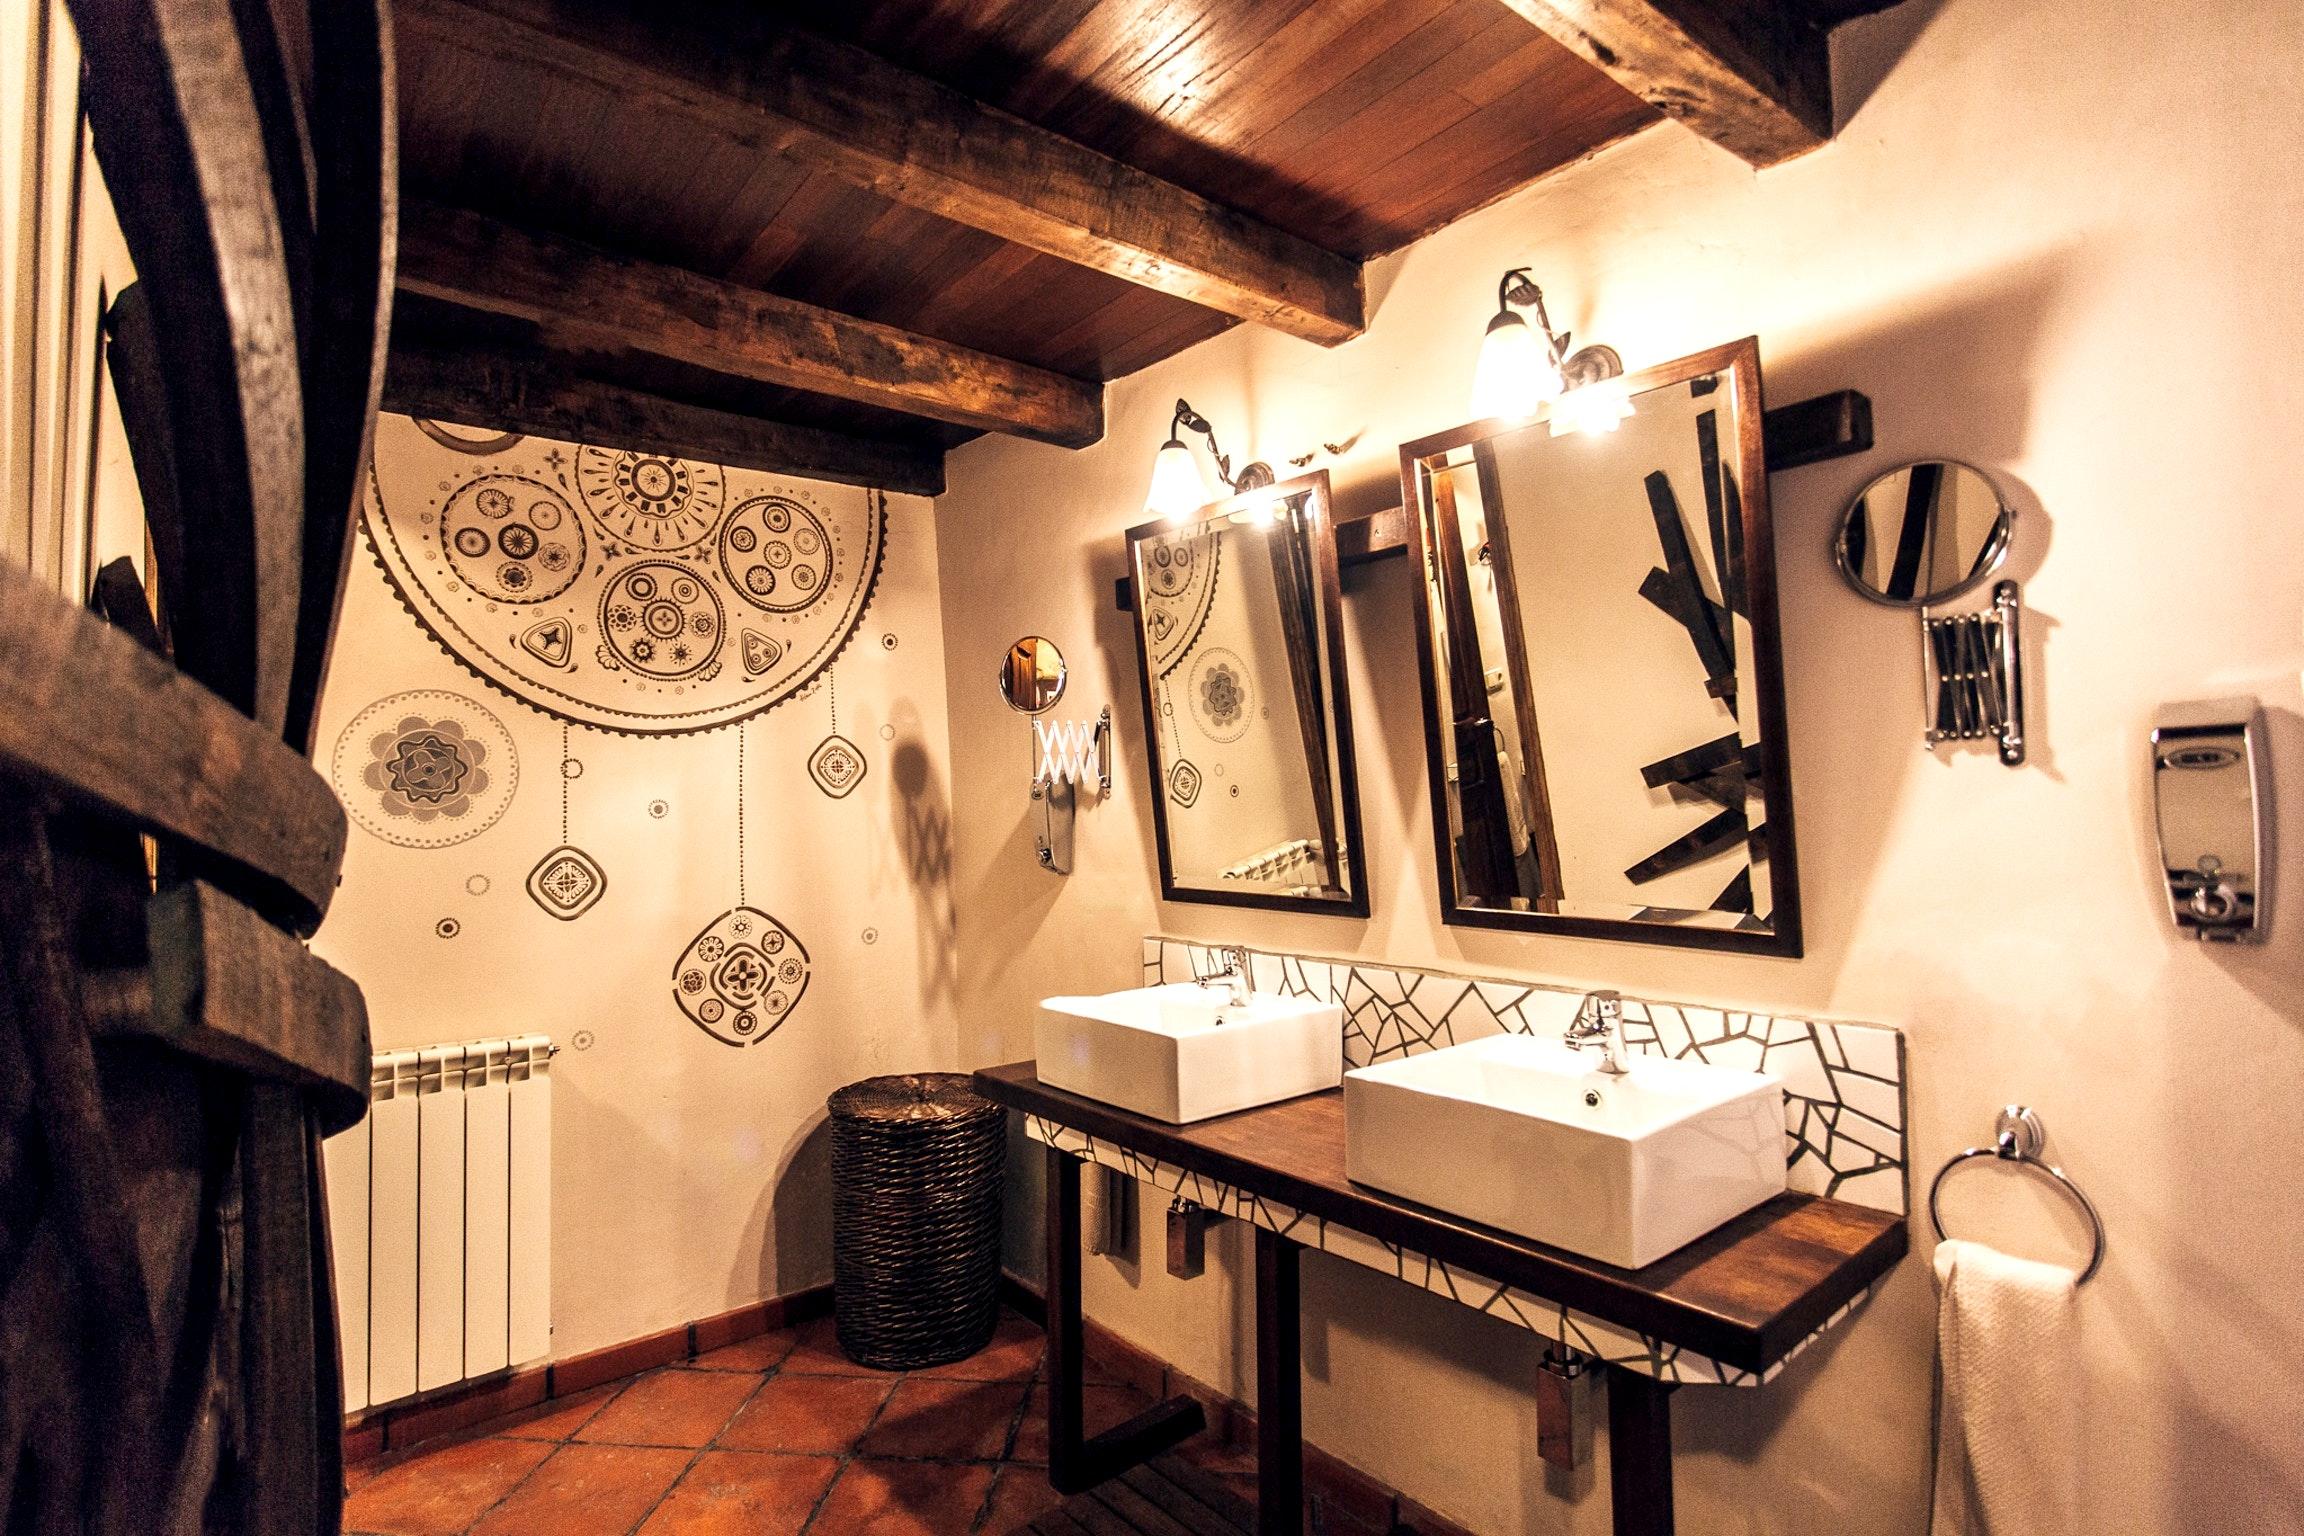 Ferienhaus Haus mit 5 Zimmern in Fuenteodra mit toller Aussicht auf die Berge, eingezäuntem Garten un (2211142), Fuenteodra, Burgos, Kastilien-León, Spanien, Bild 30